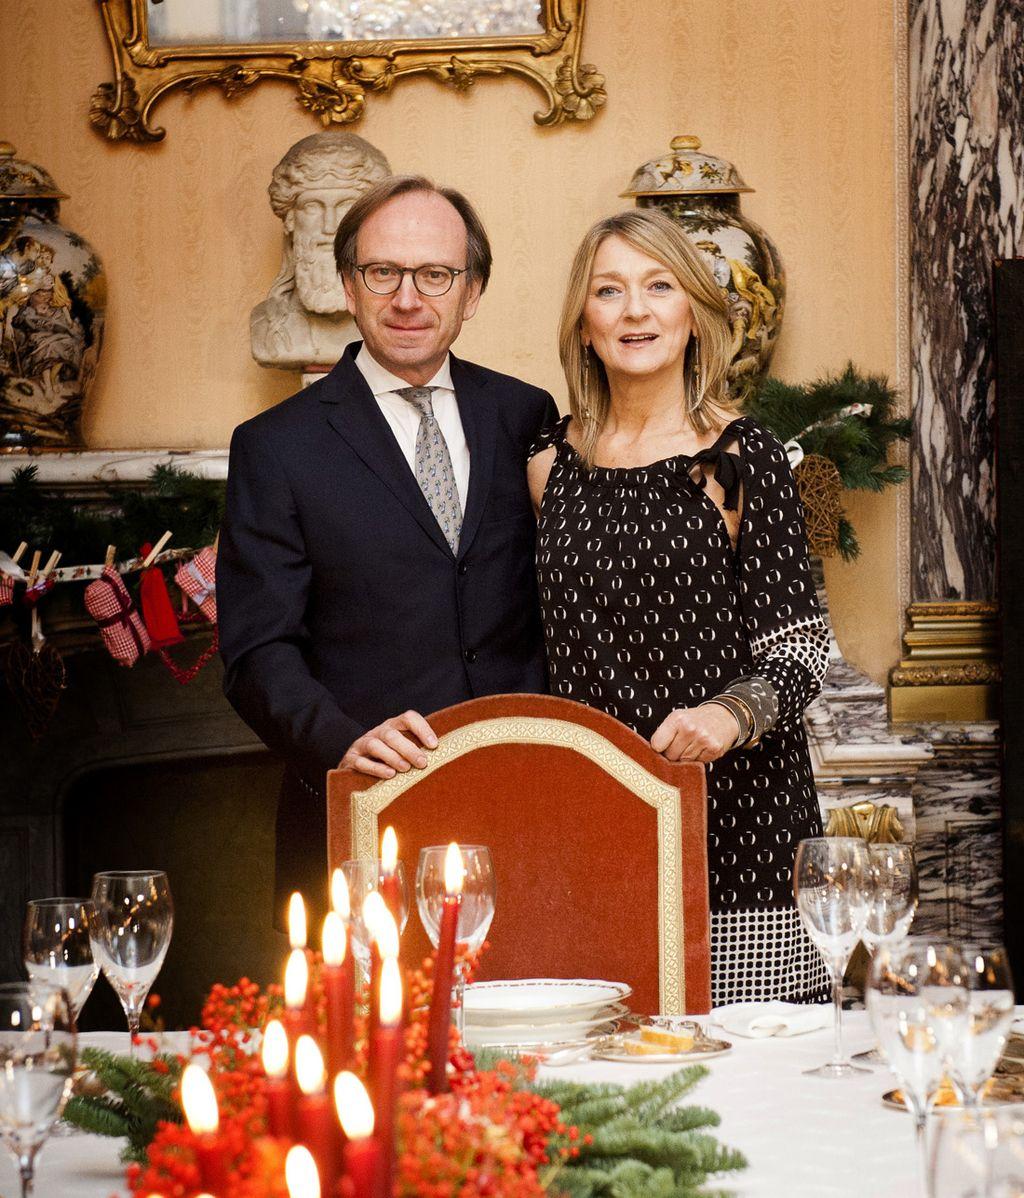 Navidad en la embajada, Decasa